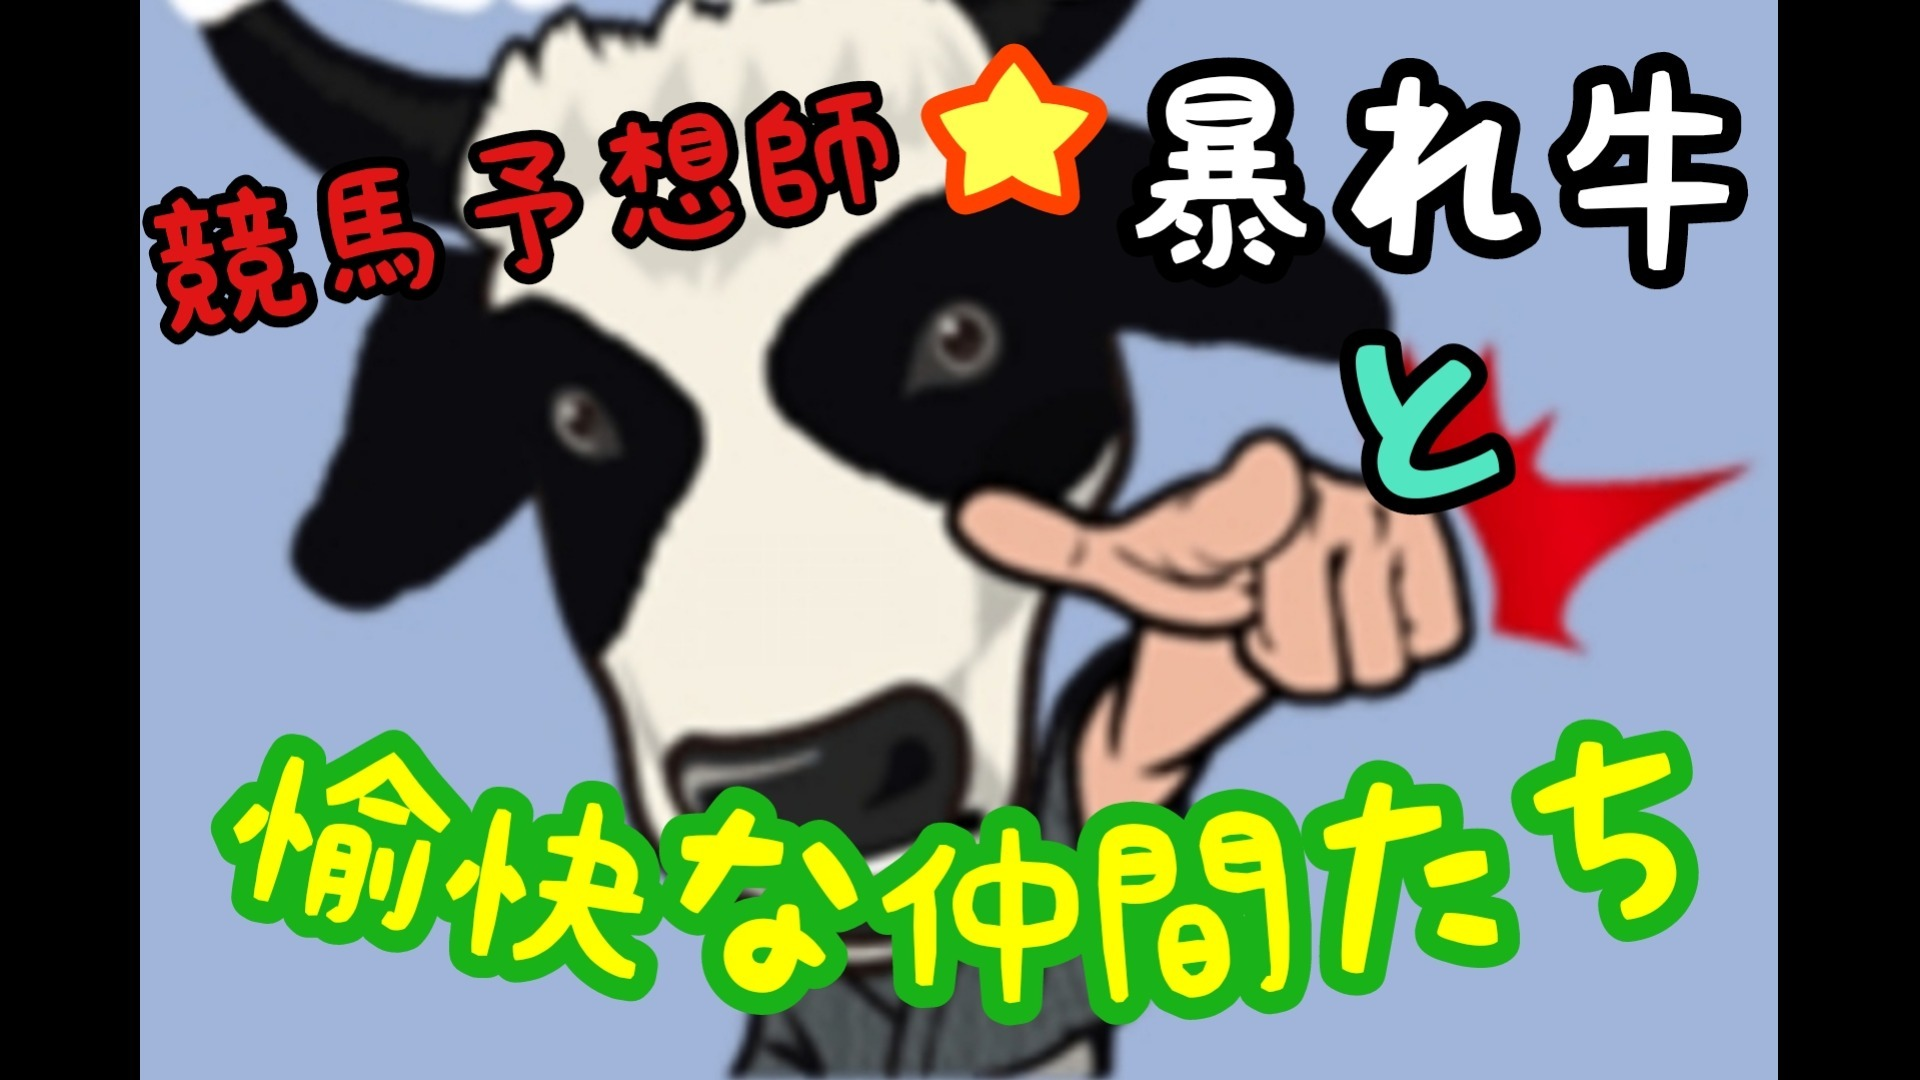 競馬予想師★暴れ牛と愉快な仲間たち